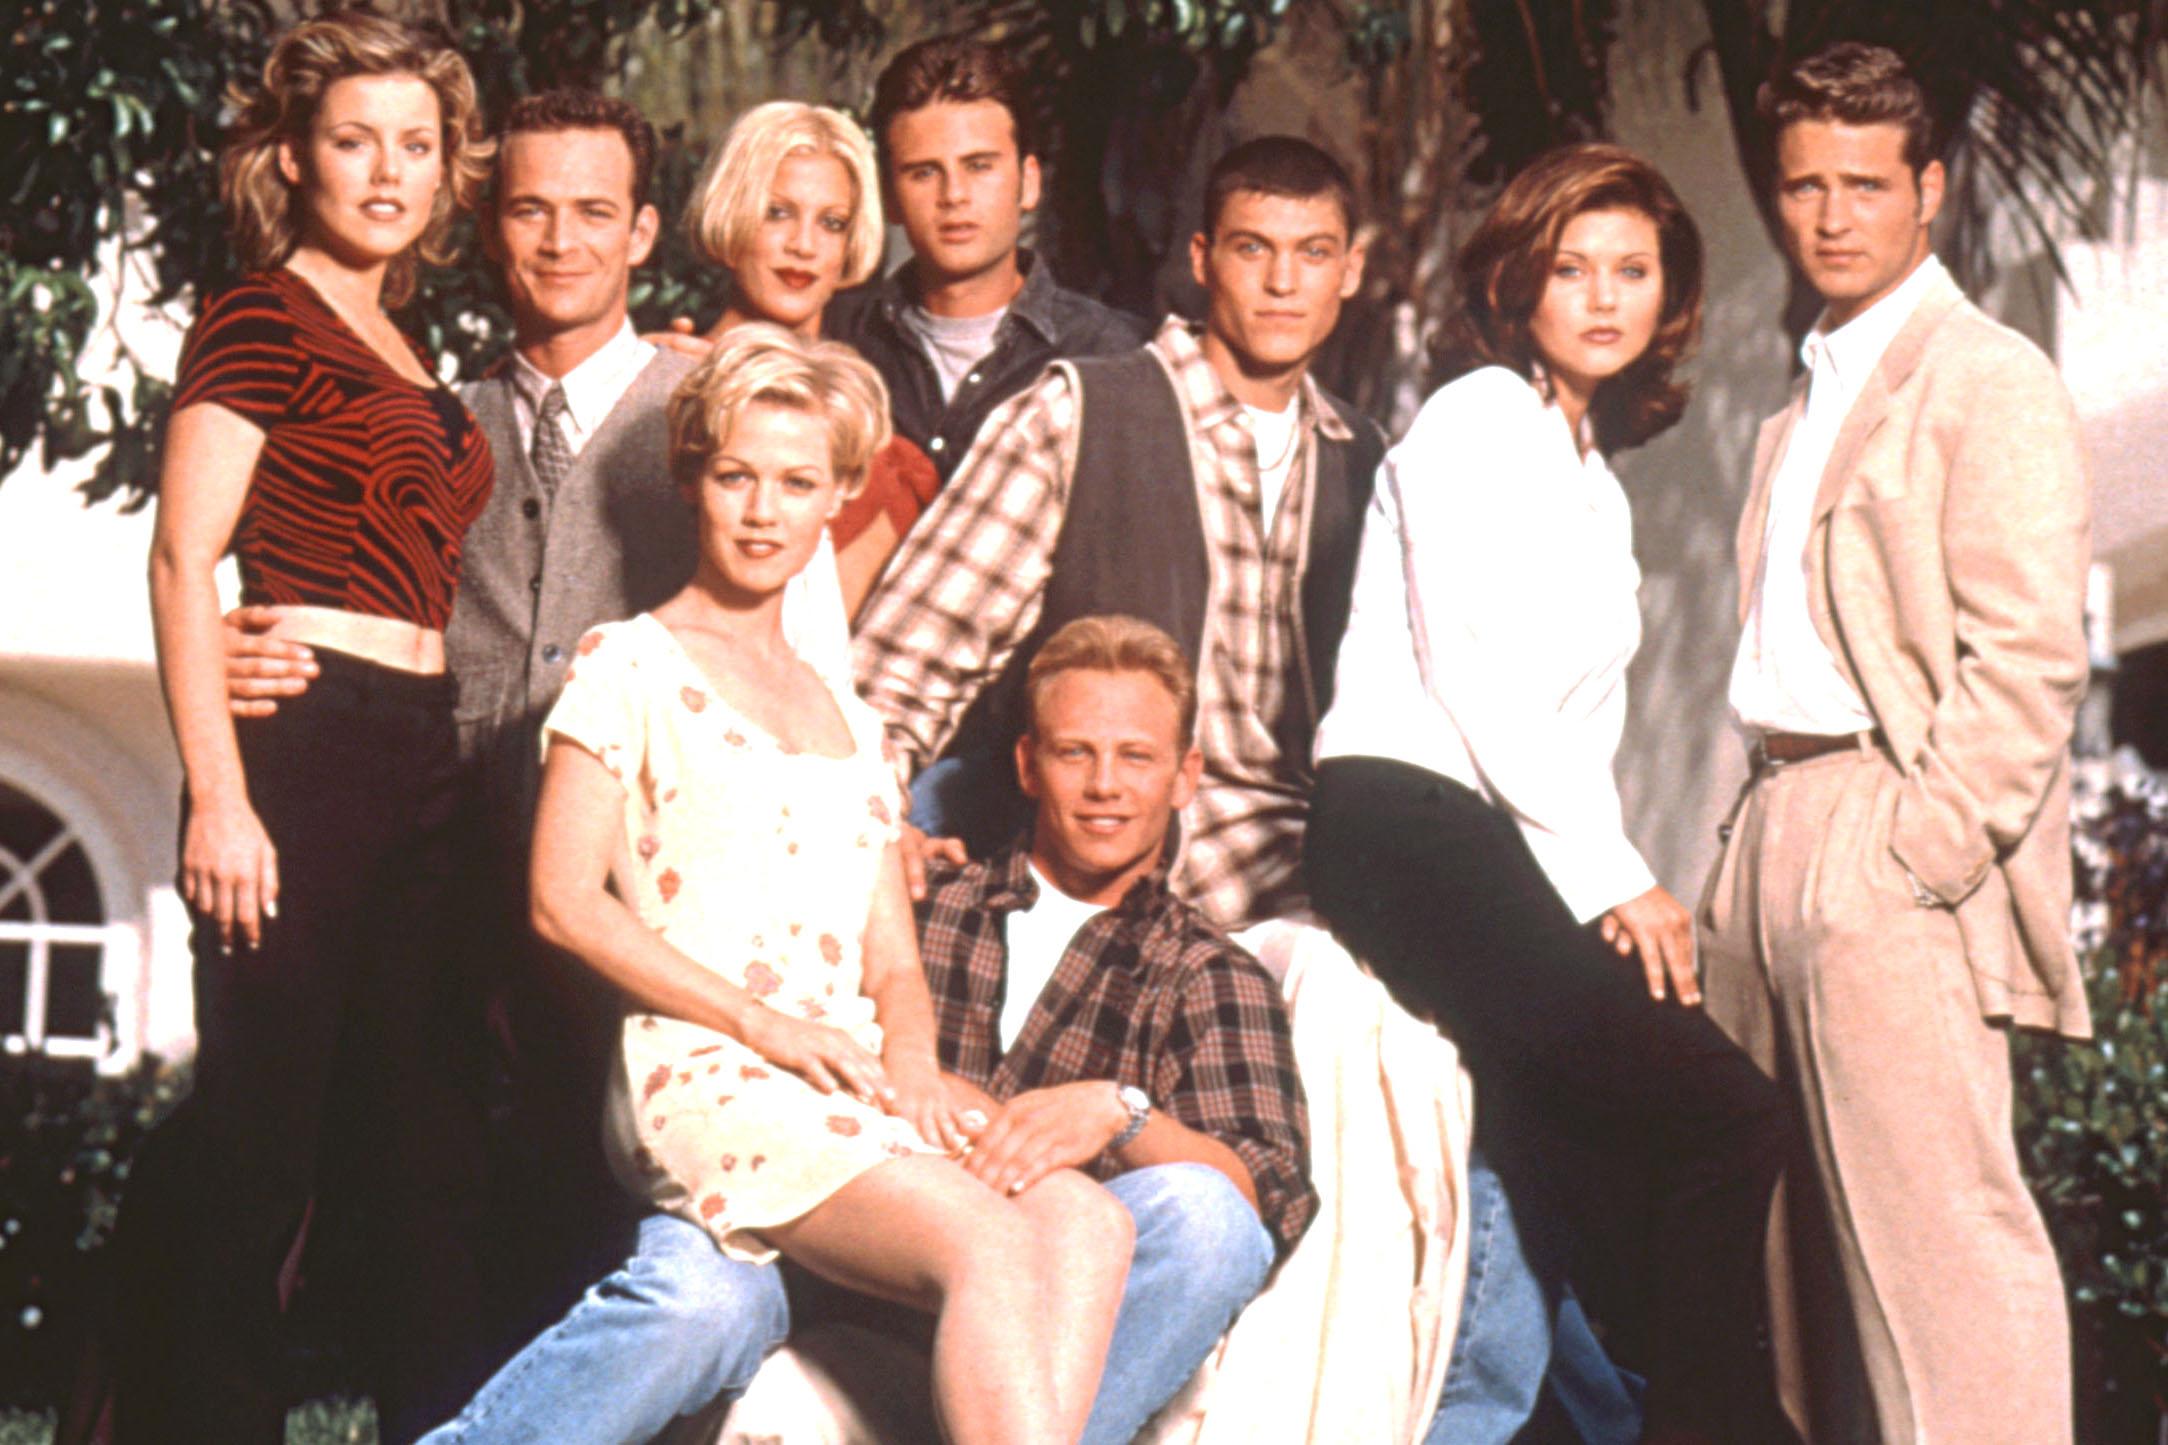 Что случилось с лицом звезды сериала беверли-хиллз, 90210 дженни гарт?